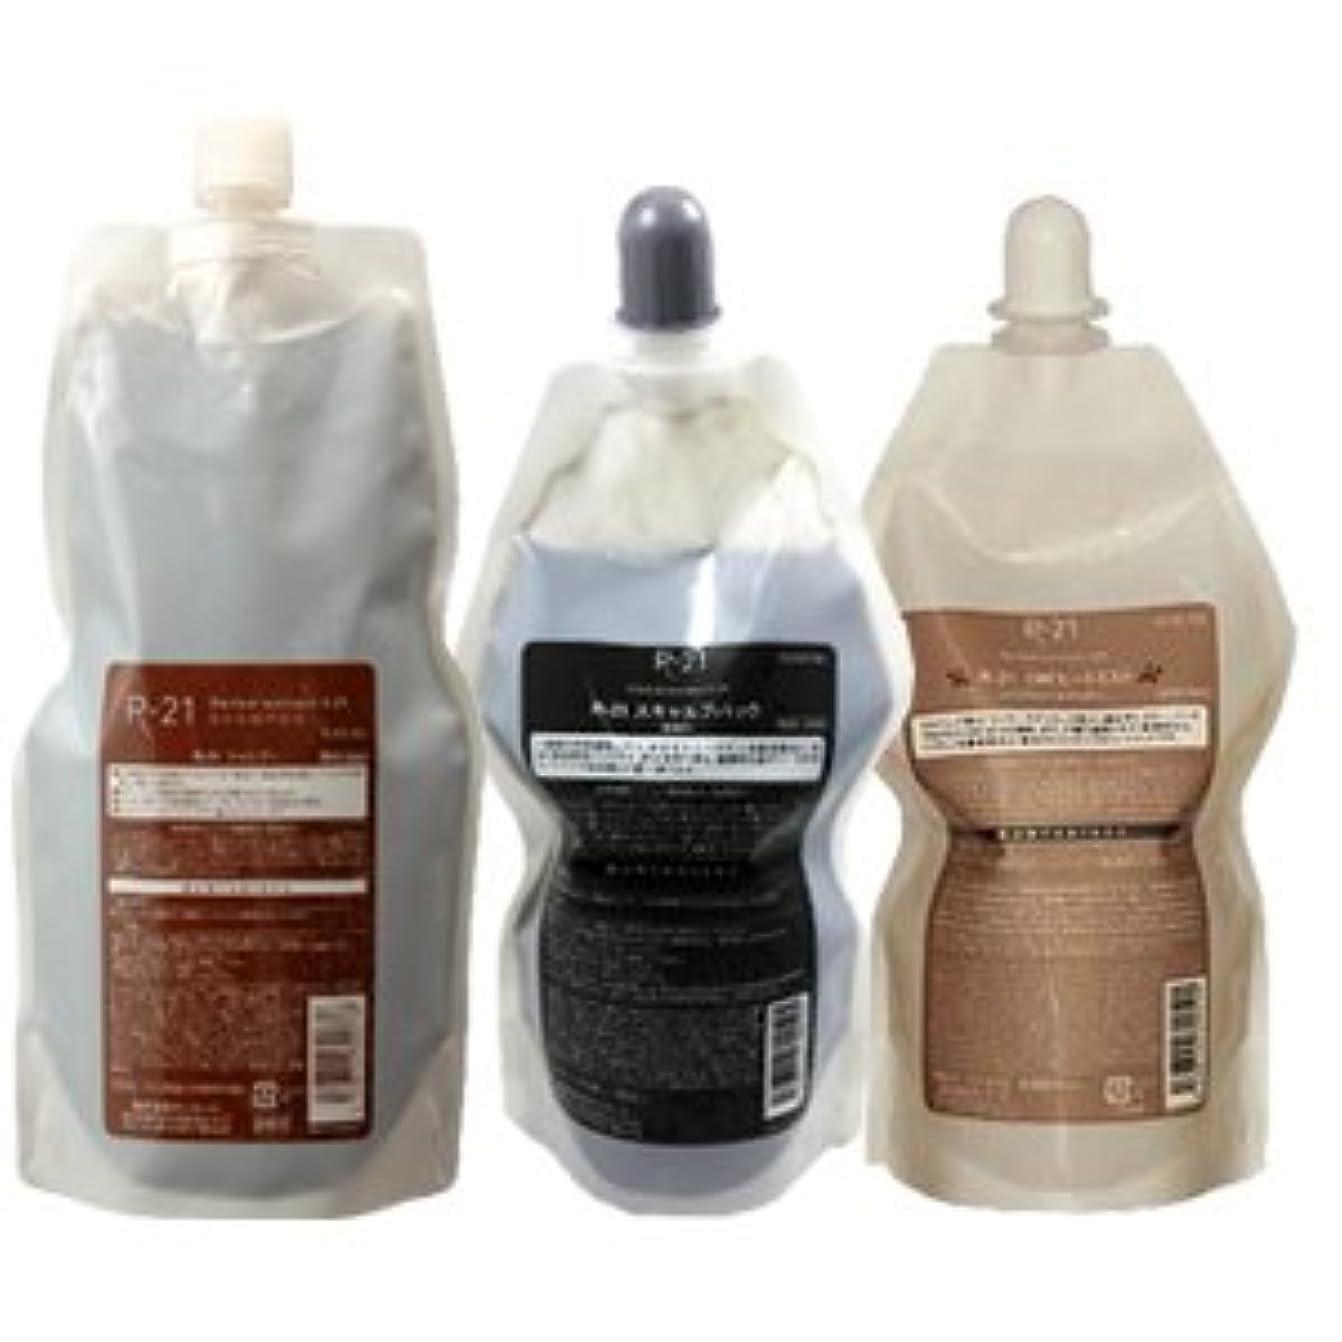 毒マニアパフサンコール R-21 シャンプー 700mL + スキャルプパック 400g + CMCヒートミスト 400mL 詰替え セット [Shampoo-land限定]